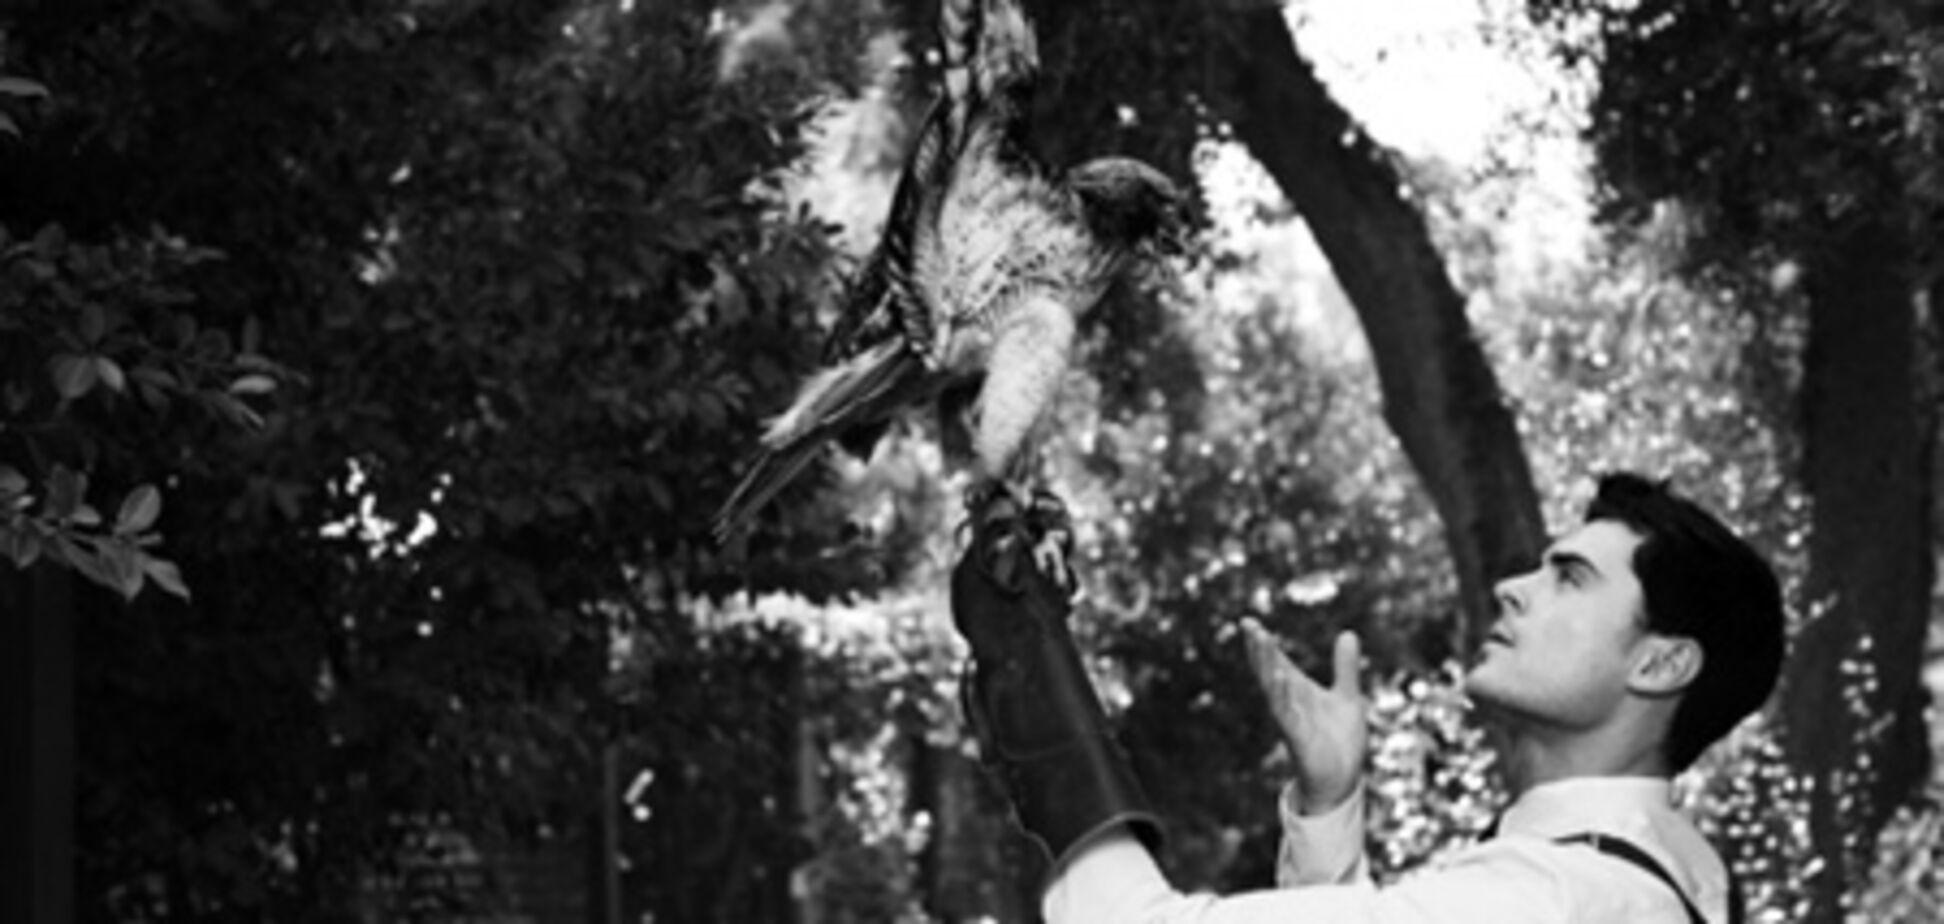 Зак Эфрон приручает зверей в Blackbook. Фото